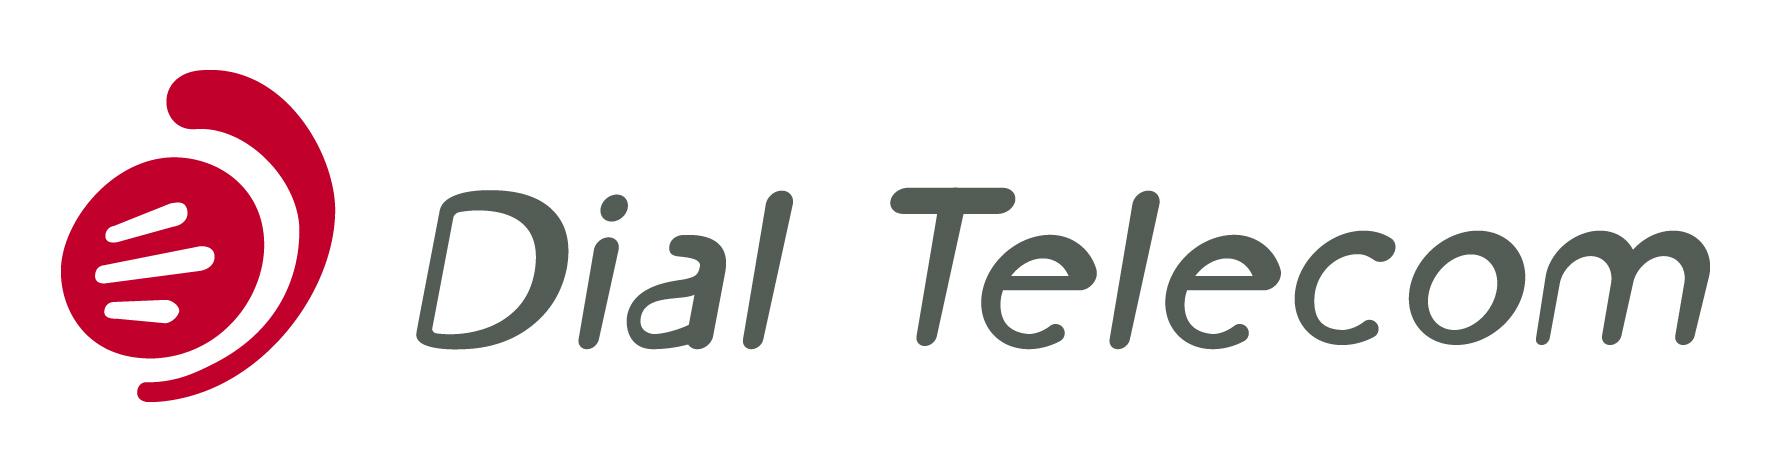 dial-telecom-logo